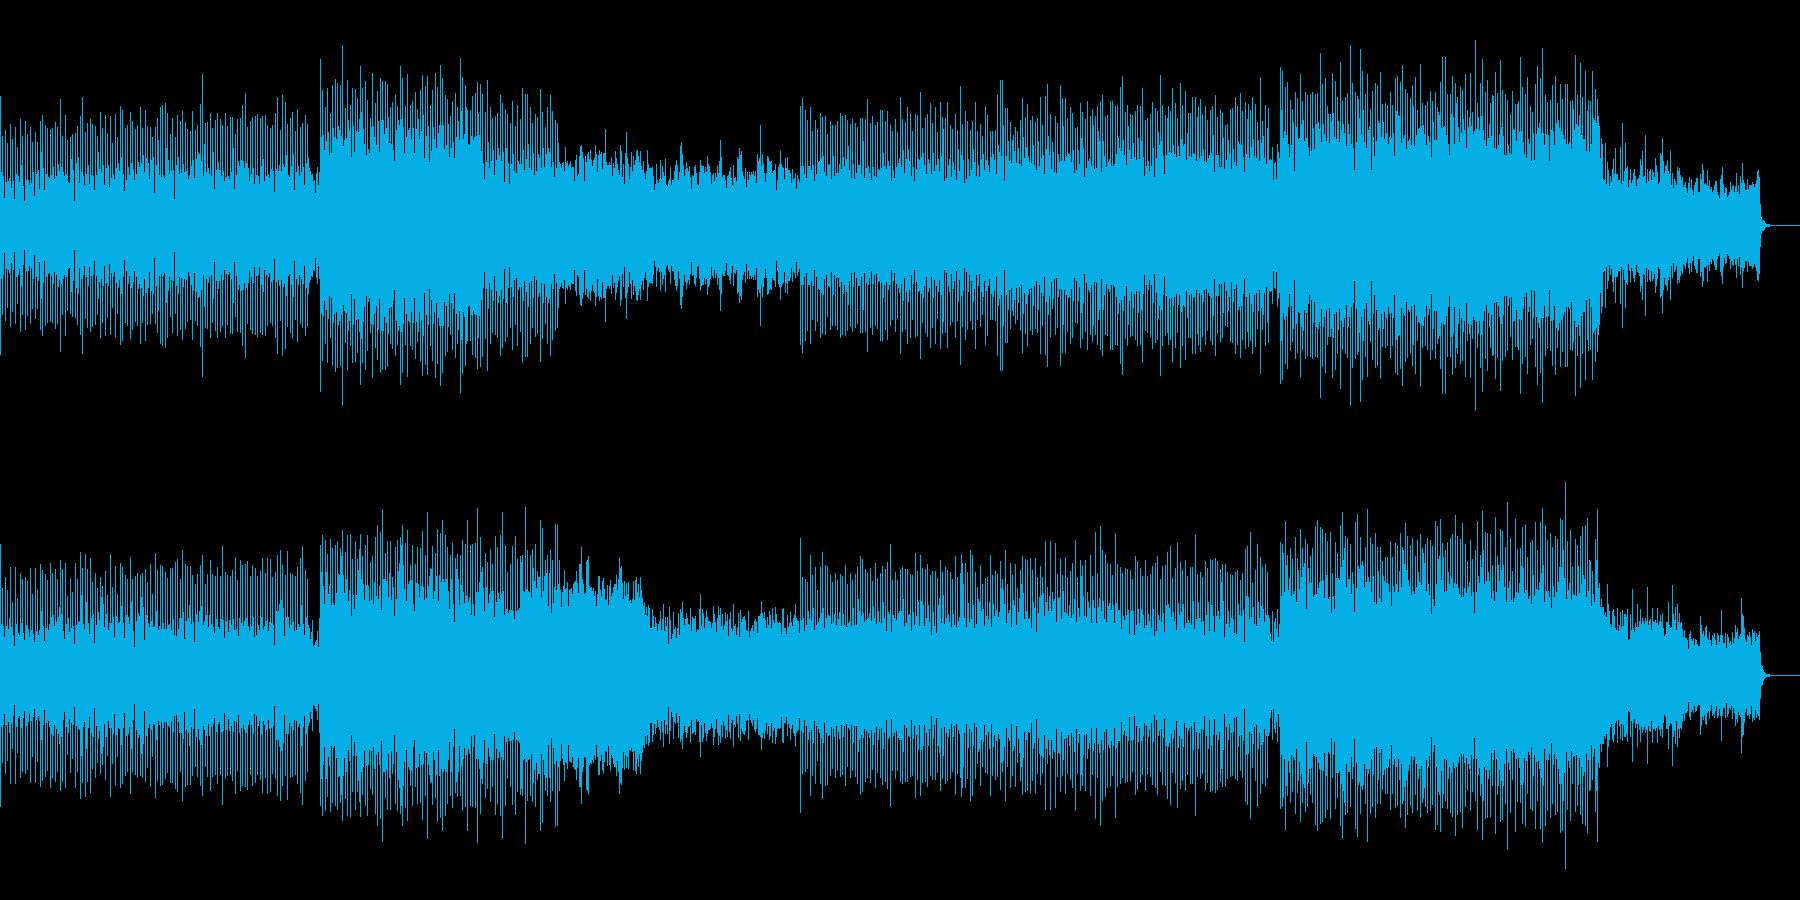 バトル感・勢い・圧のあるテクノサウンドの再生済みの波形